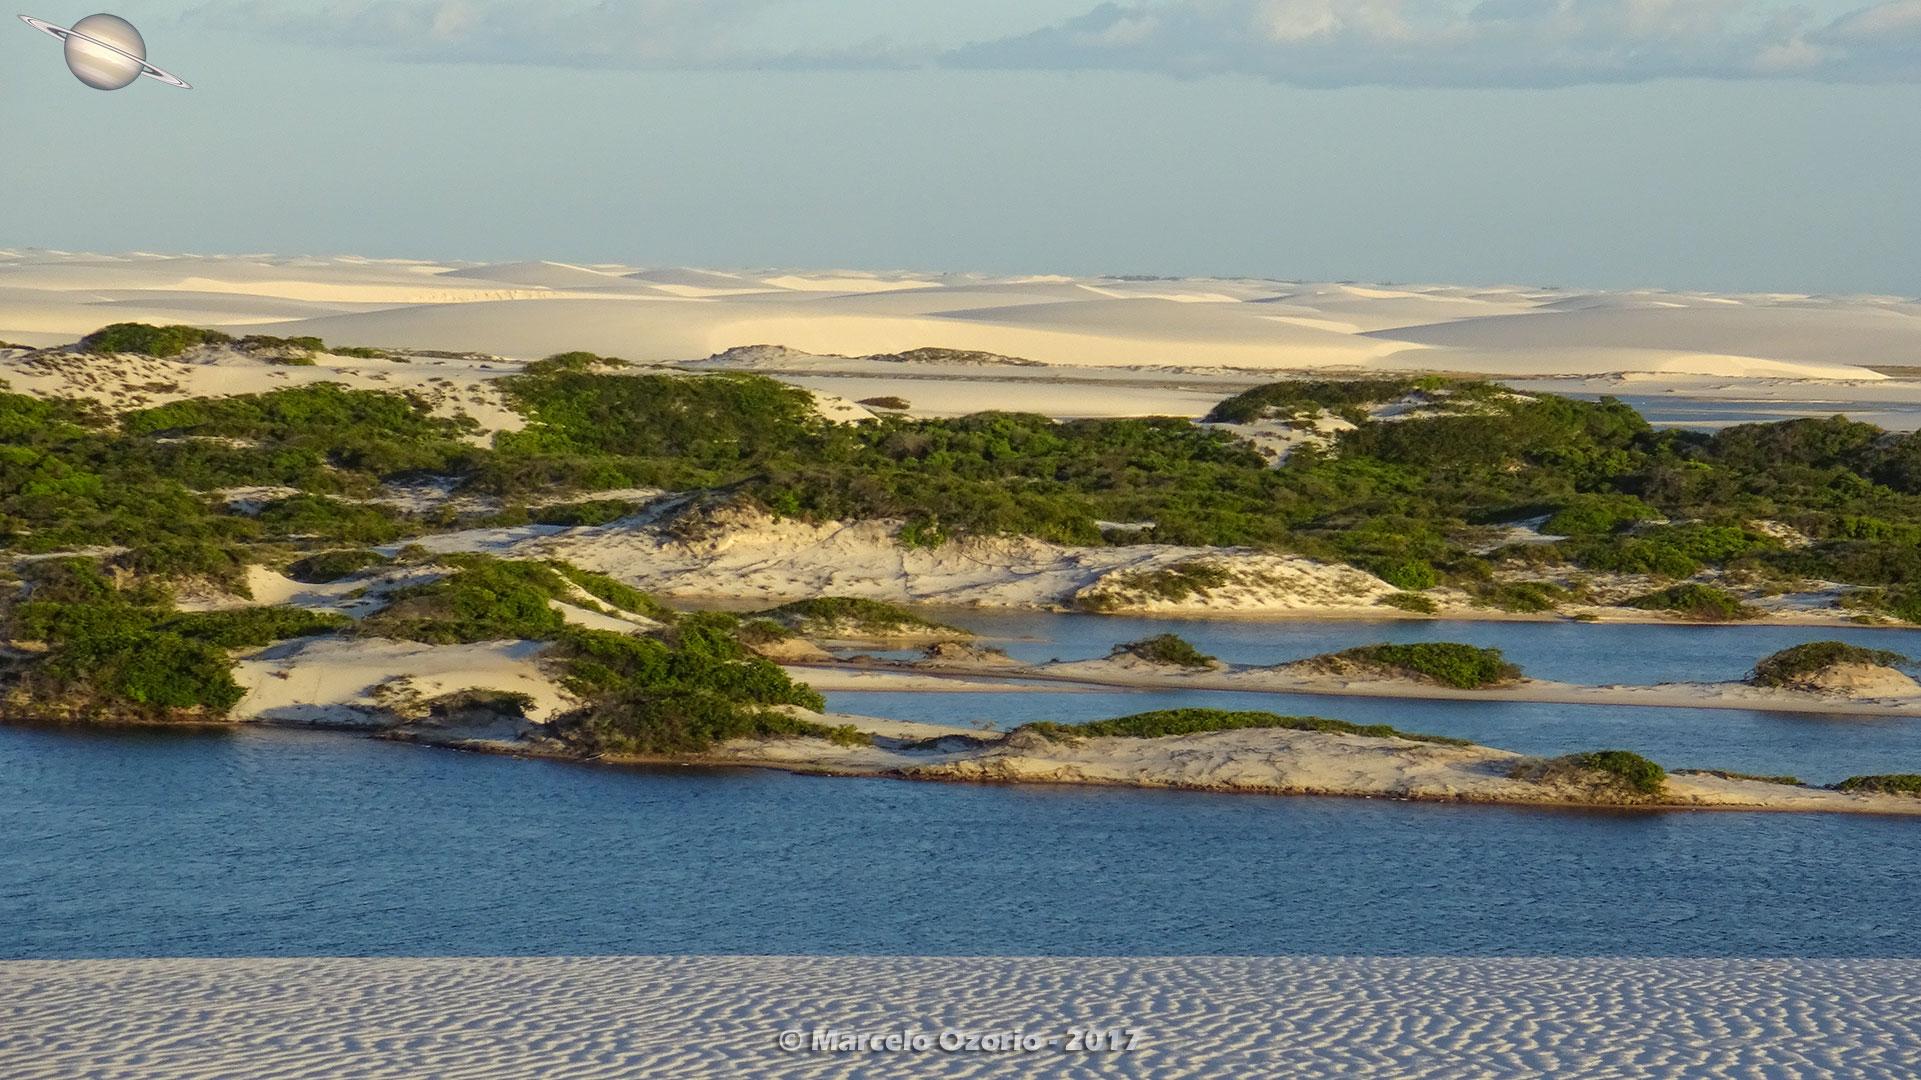 dia 3 explorando lencois maranhenses 39 - Explorando o Centro do Parque Nacional dos Lençóis Maranhenses - Brasil